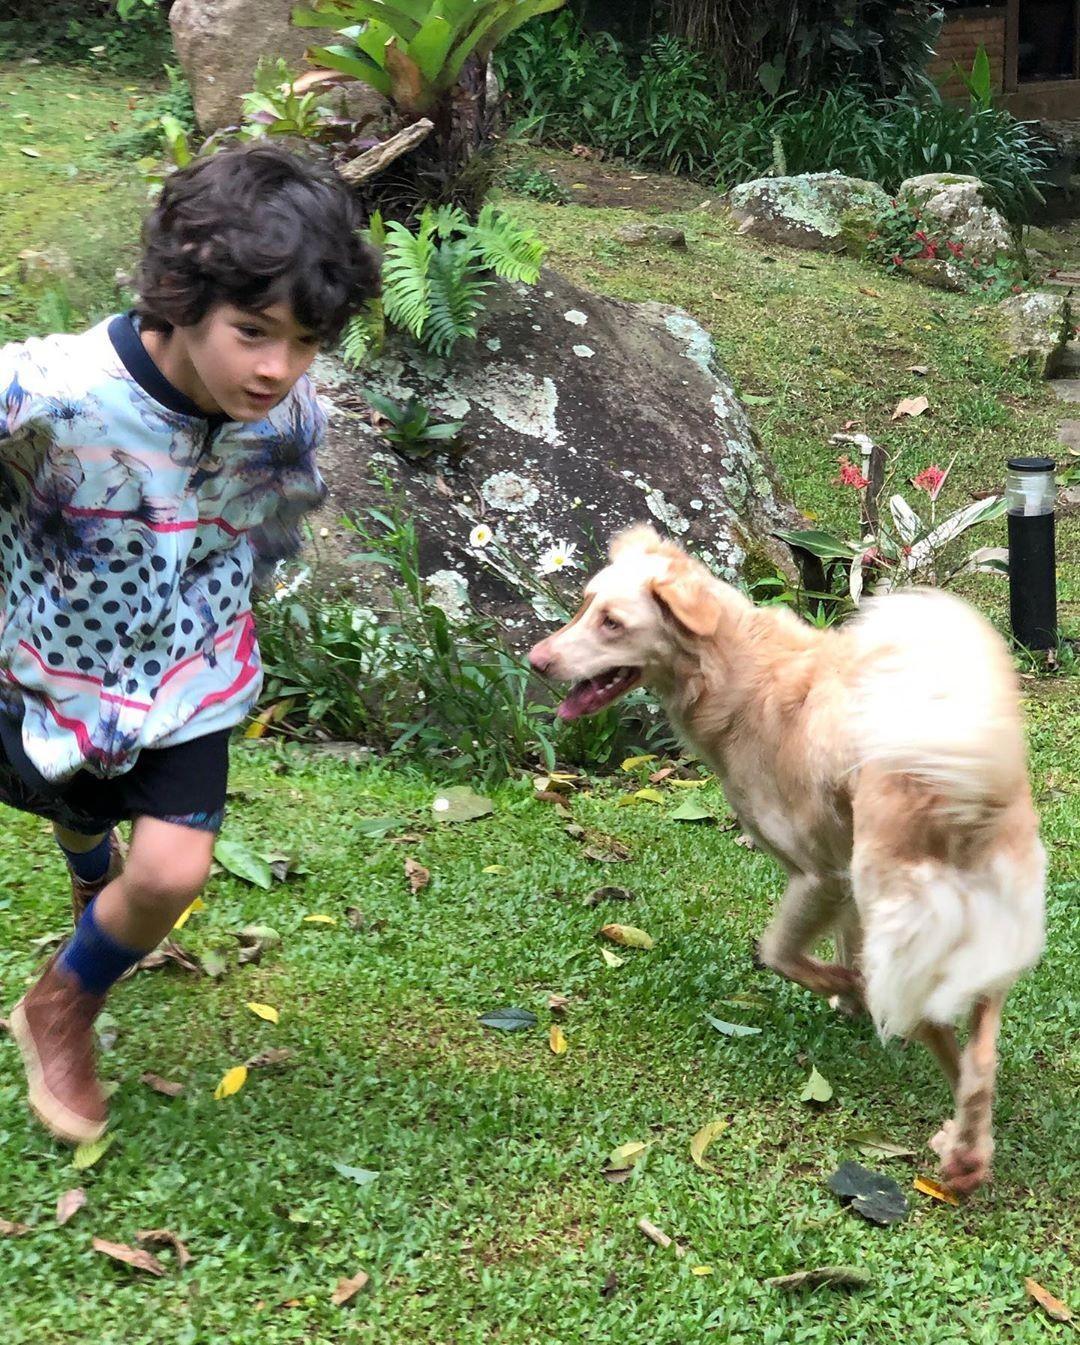 Kauai brinca com cachorro (Foto: Reprodução / Instagram)